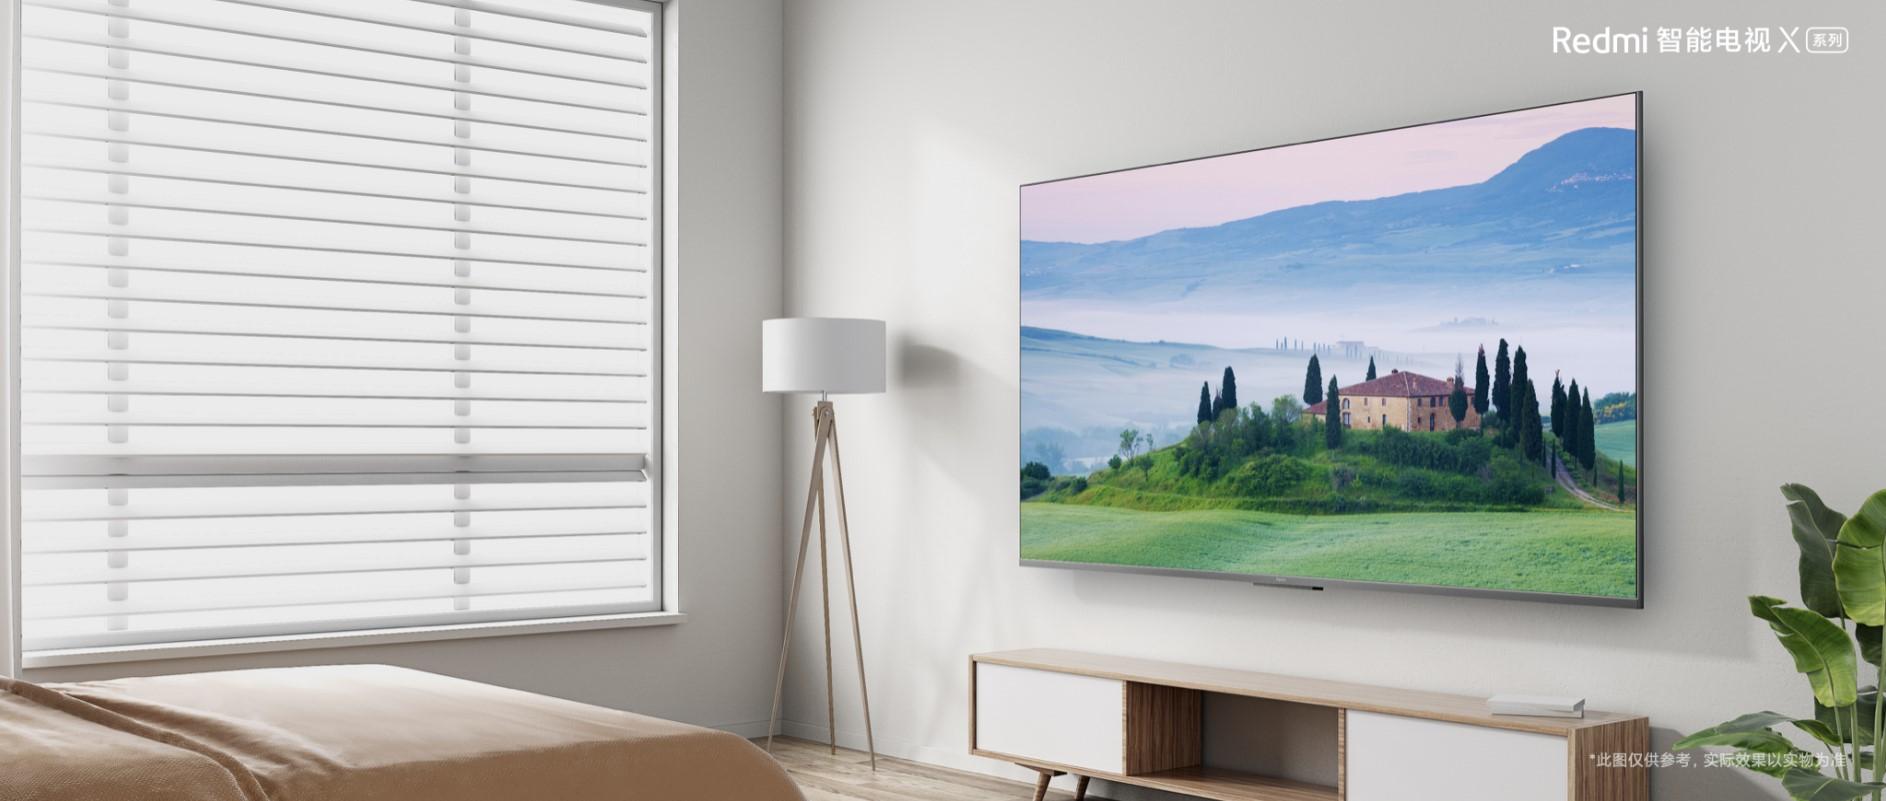 Redmi轻旗舰电视X55首发价1699元 同价配置更高